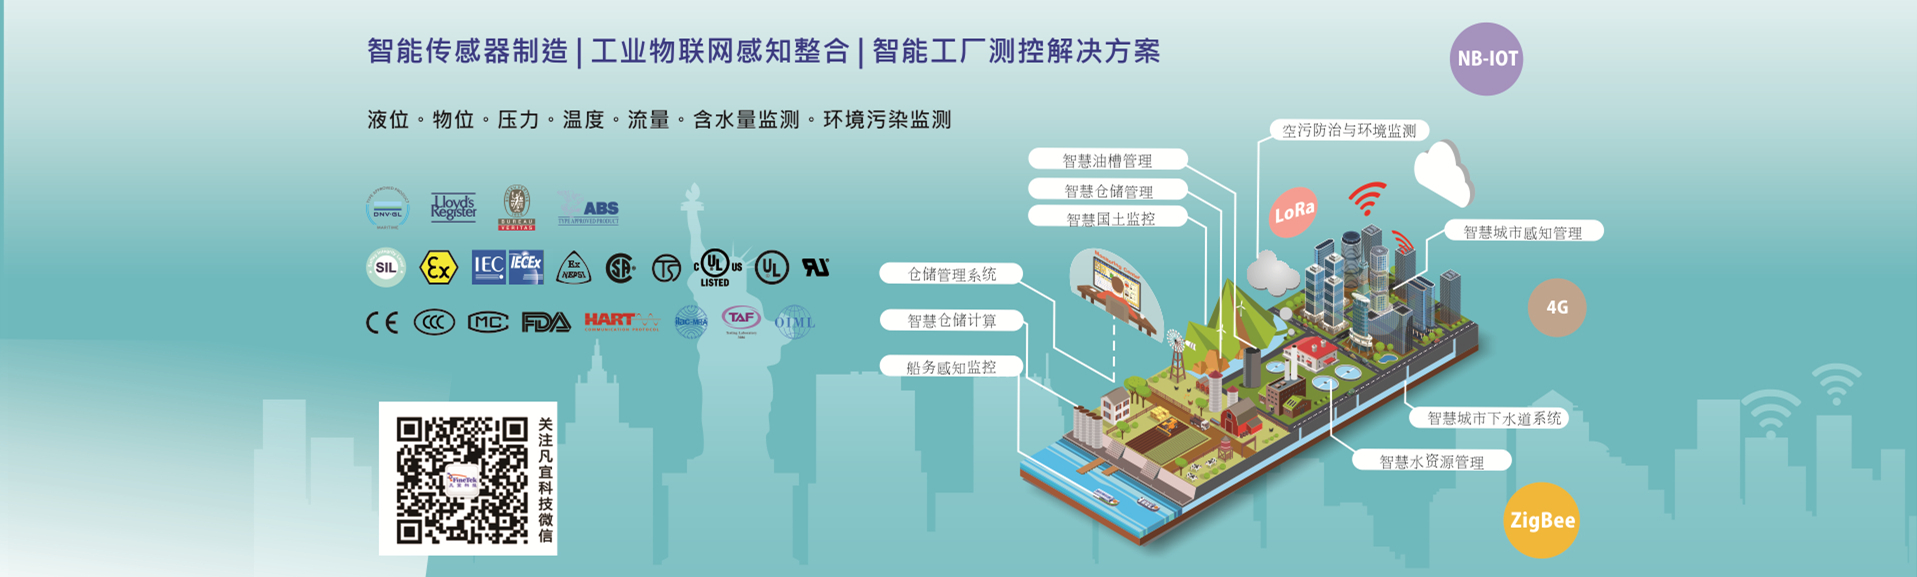 南京沙驰电子有限公司